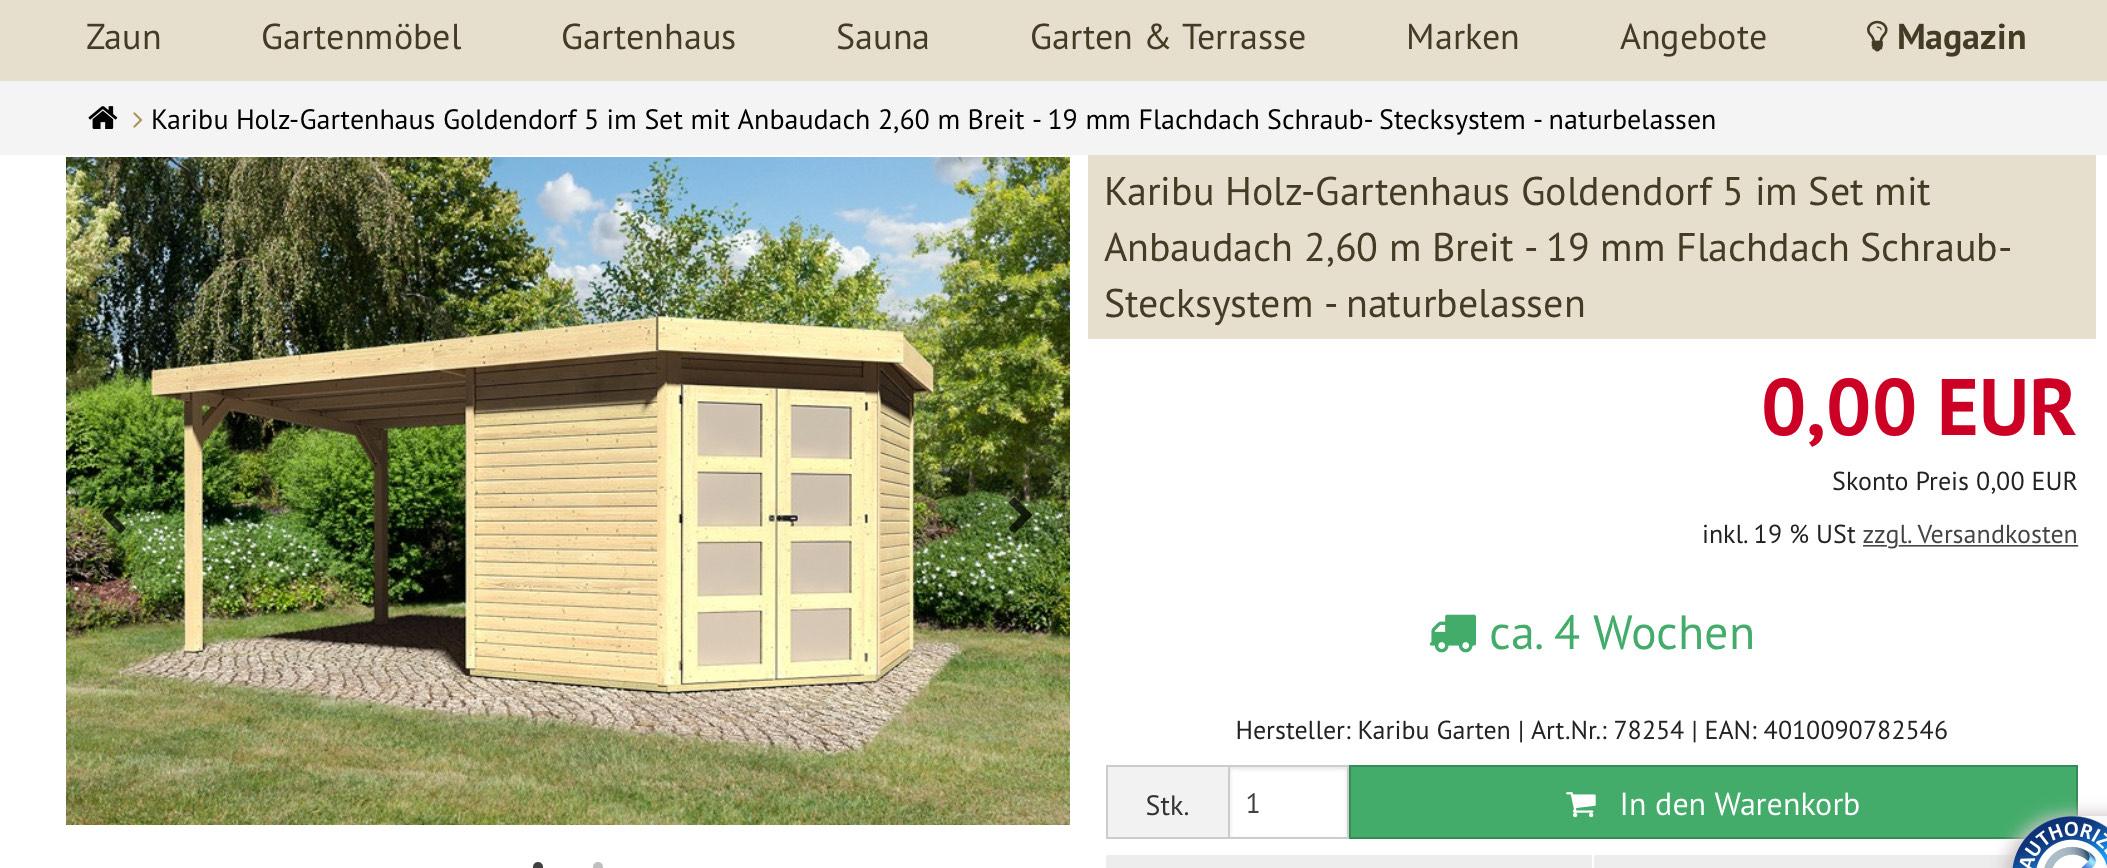 Gartenhaus 0€ +zusätzlich 99€ Versand